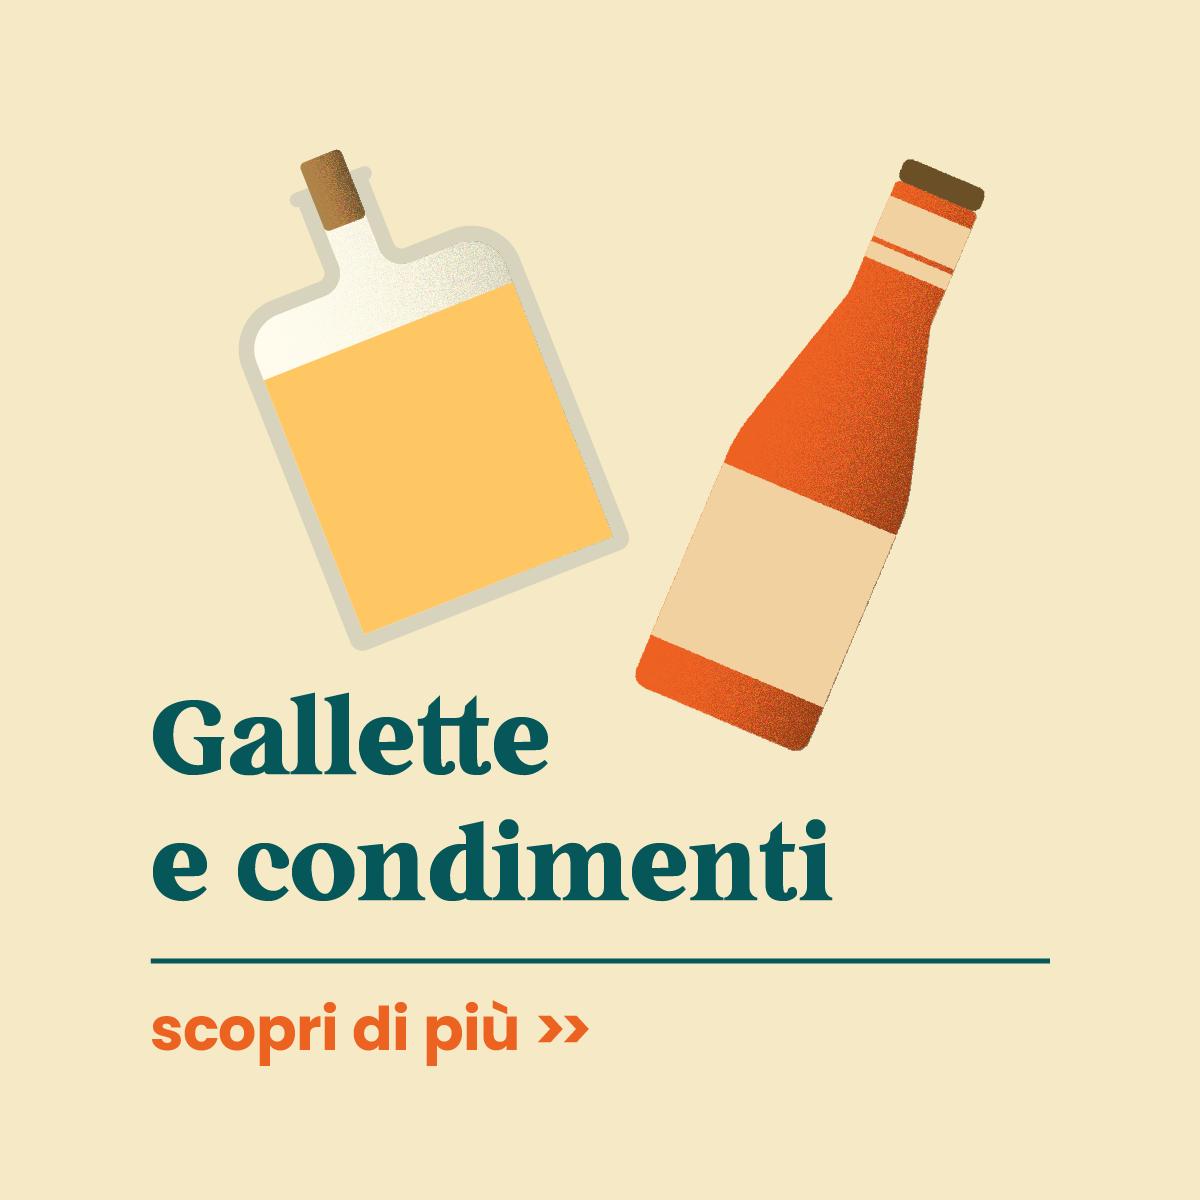 Gallette e condimenti.png